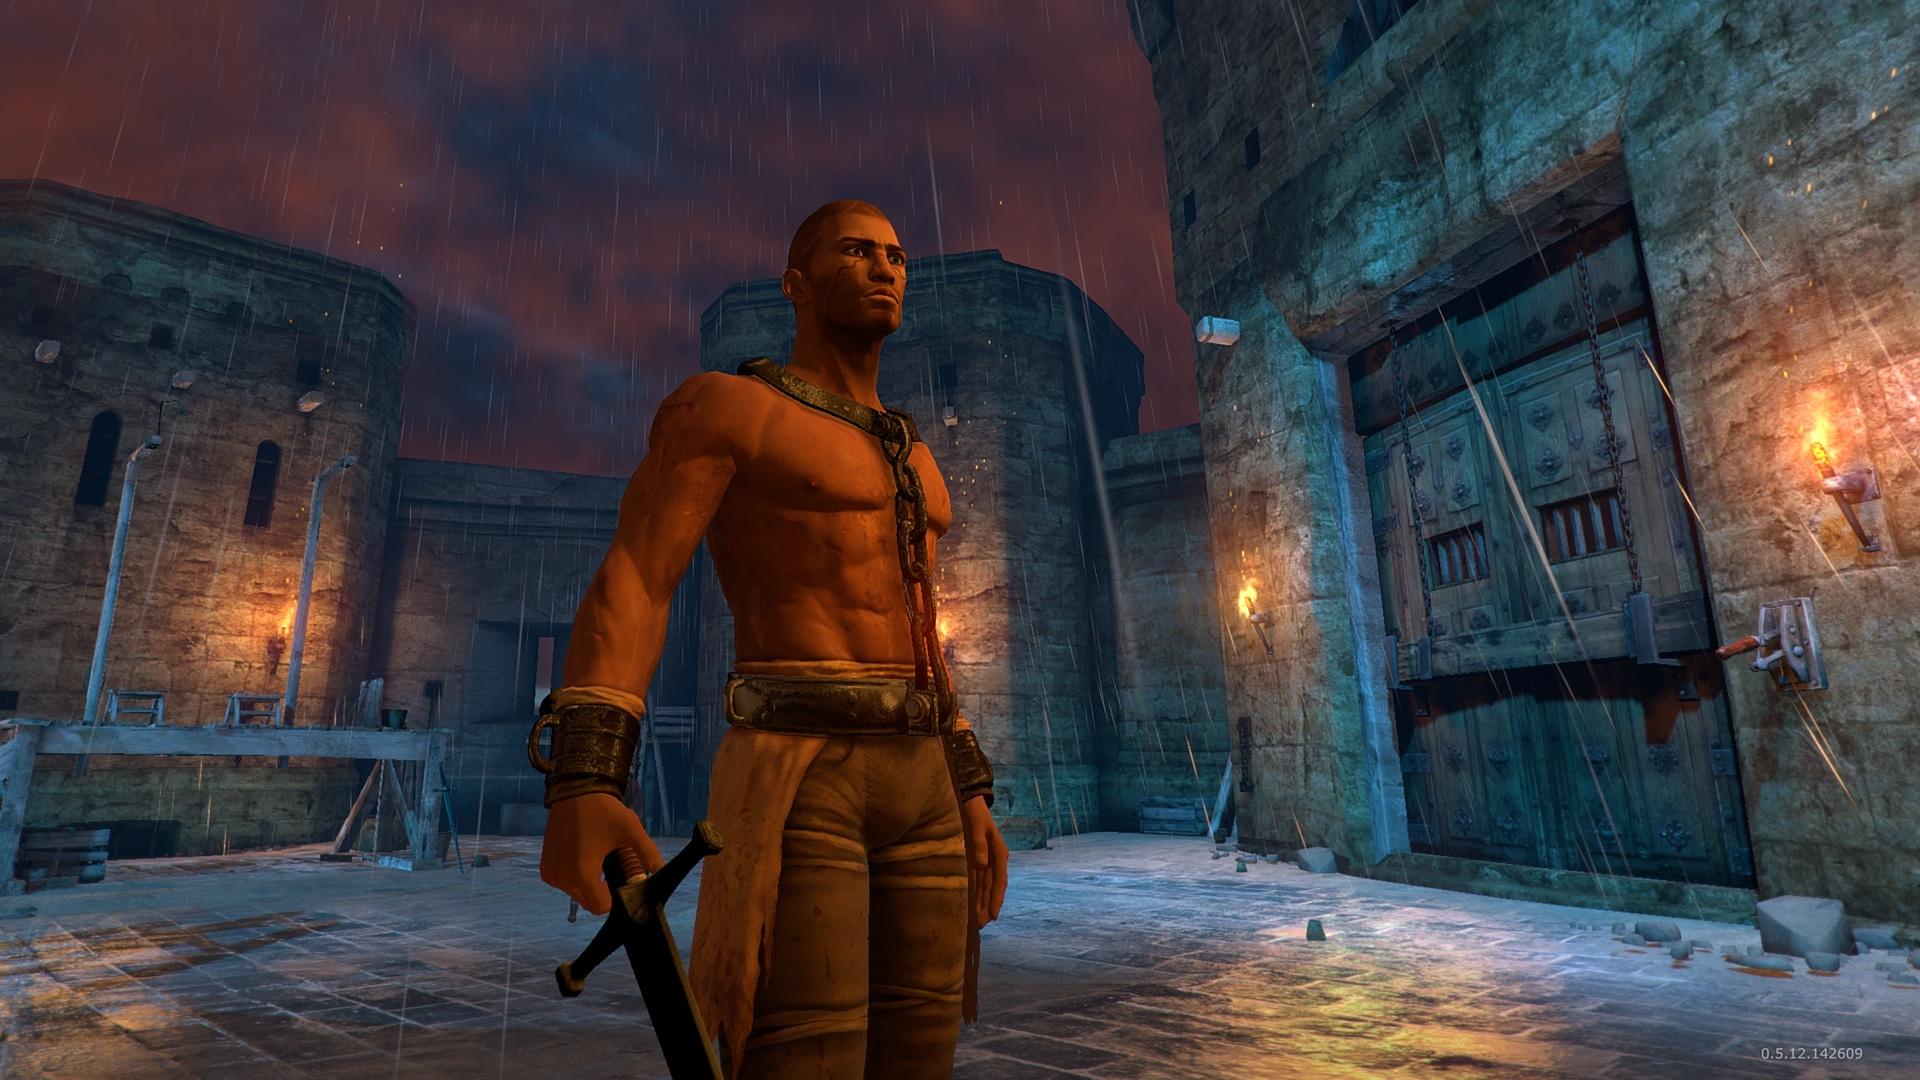 Kian Alvare in Dreamfall Chapters